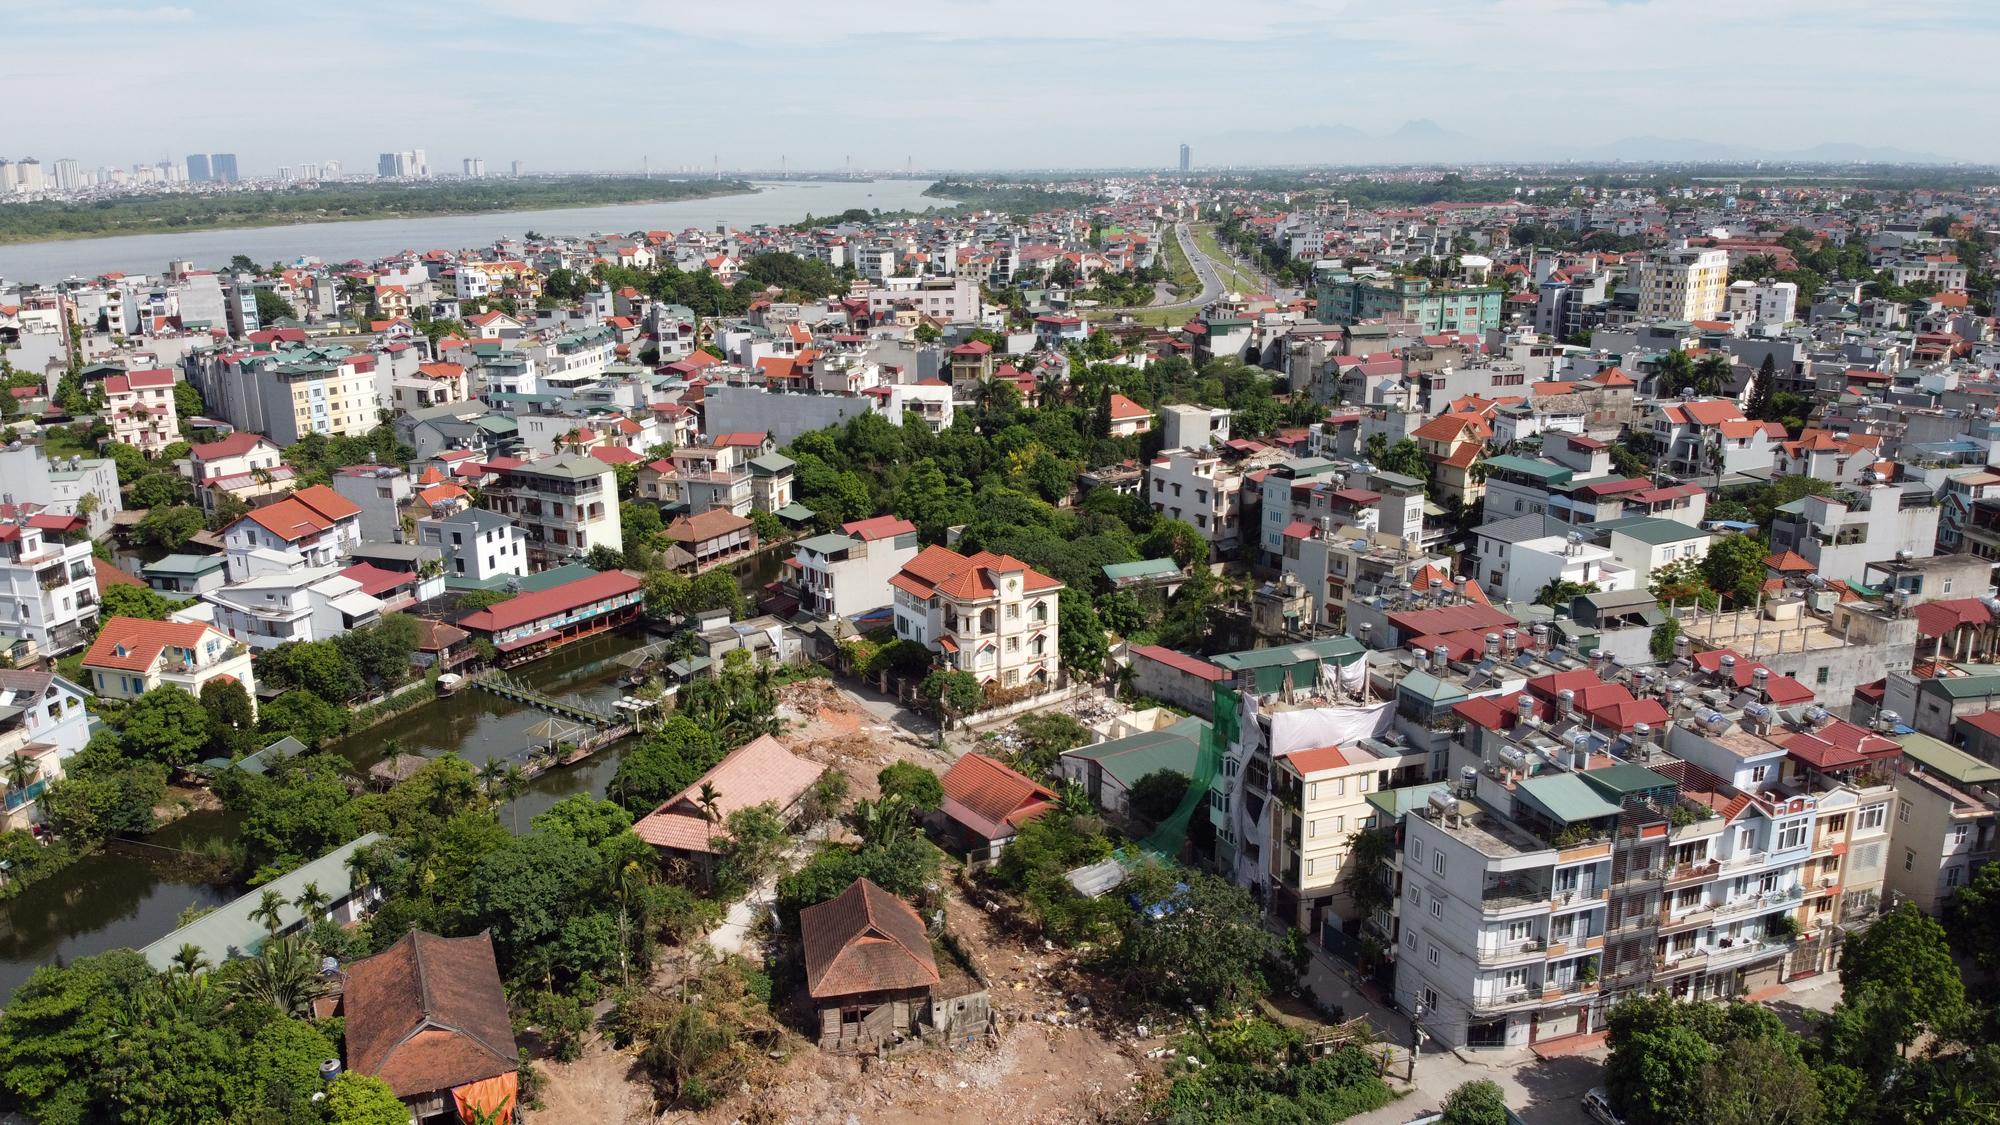 Đường ngàn tỉ nối Ngọc Thụy - Nguyễn Văn Cừ ở quận Long Biên mới làm được vài trăm mét - Ảnh 5.